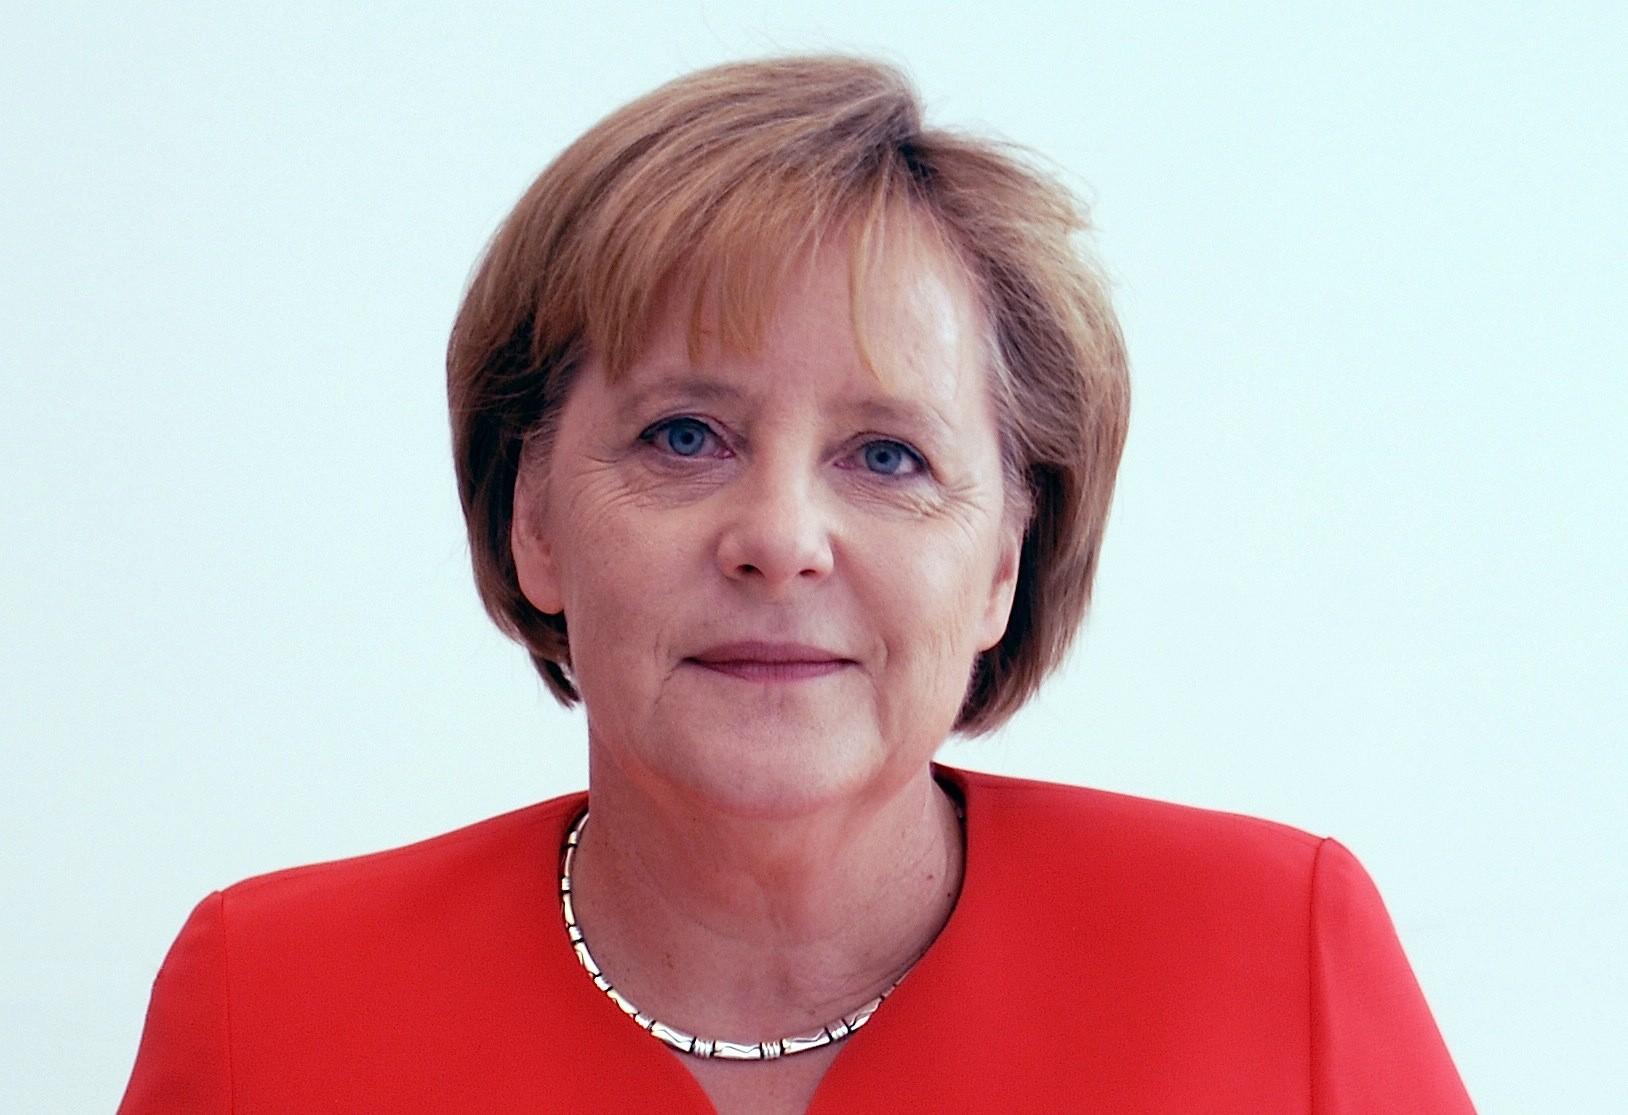 Меркель поведала, при каком условии готова покинуть пост канцлера